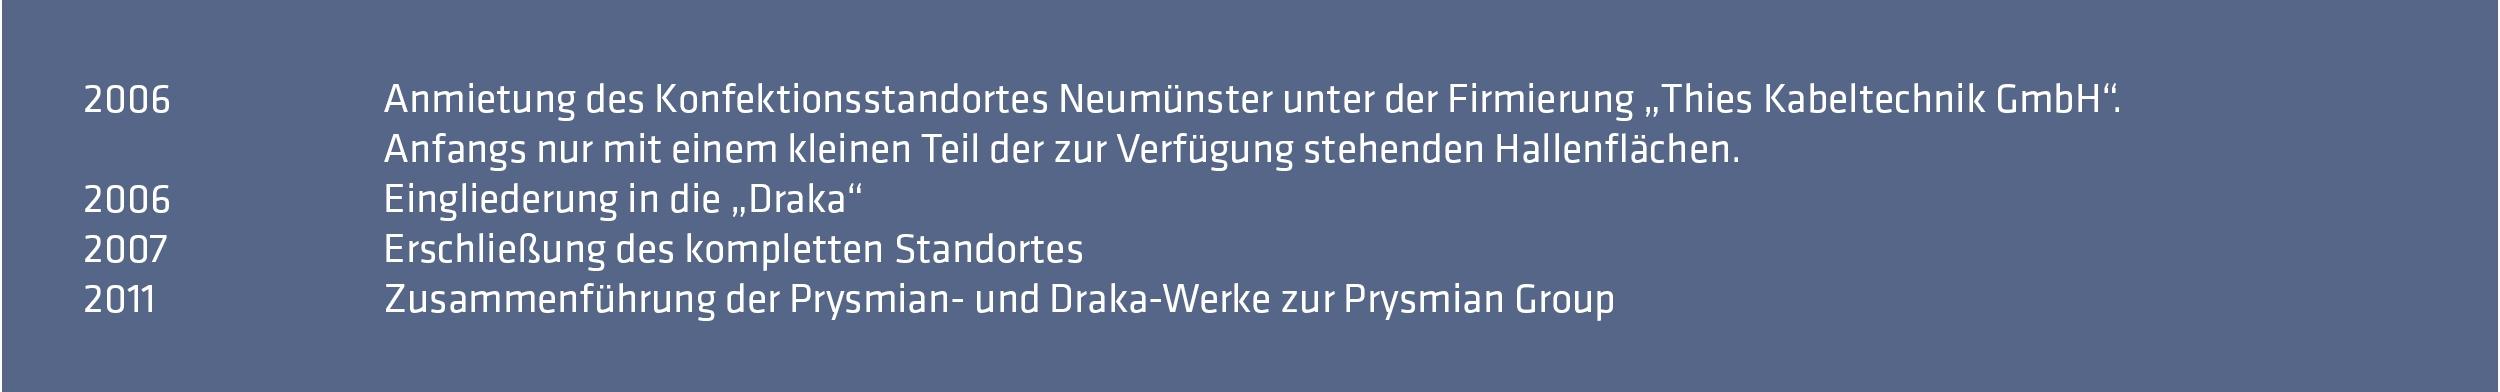 Historische Entwicklung des Standortes Neumünster